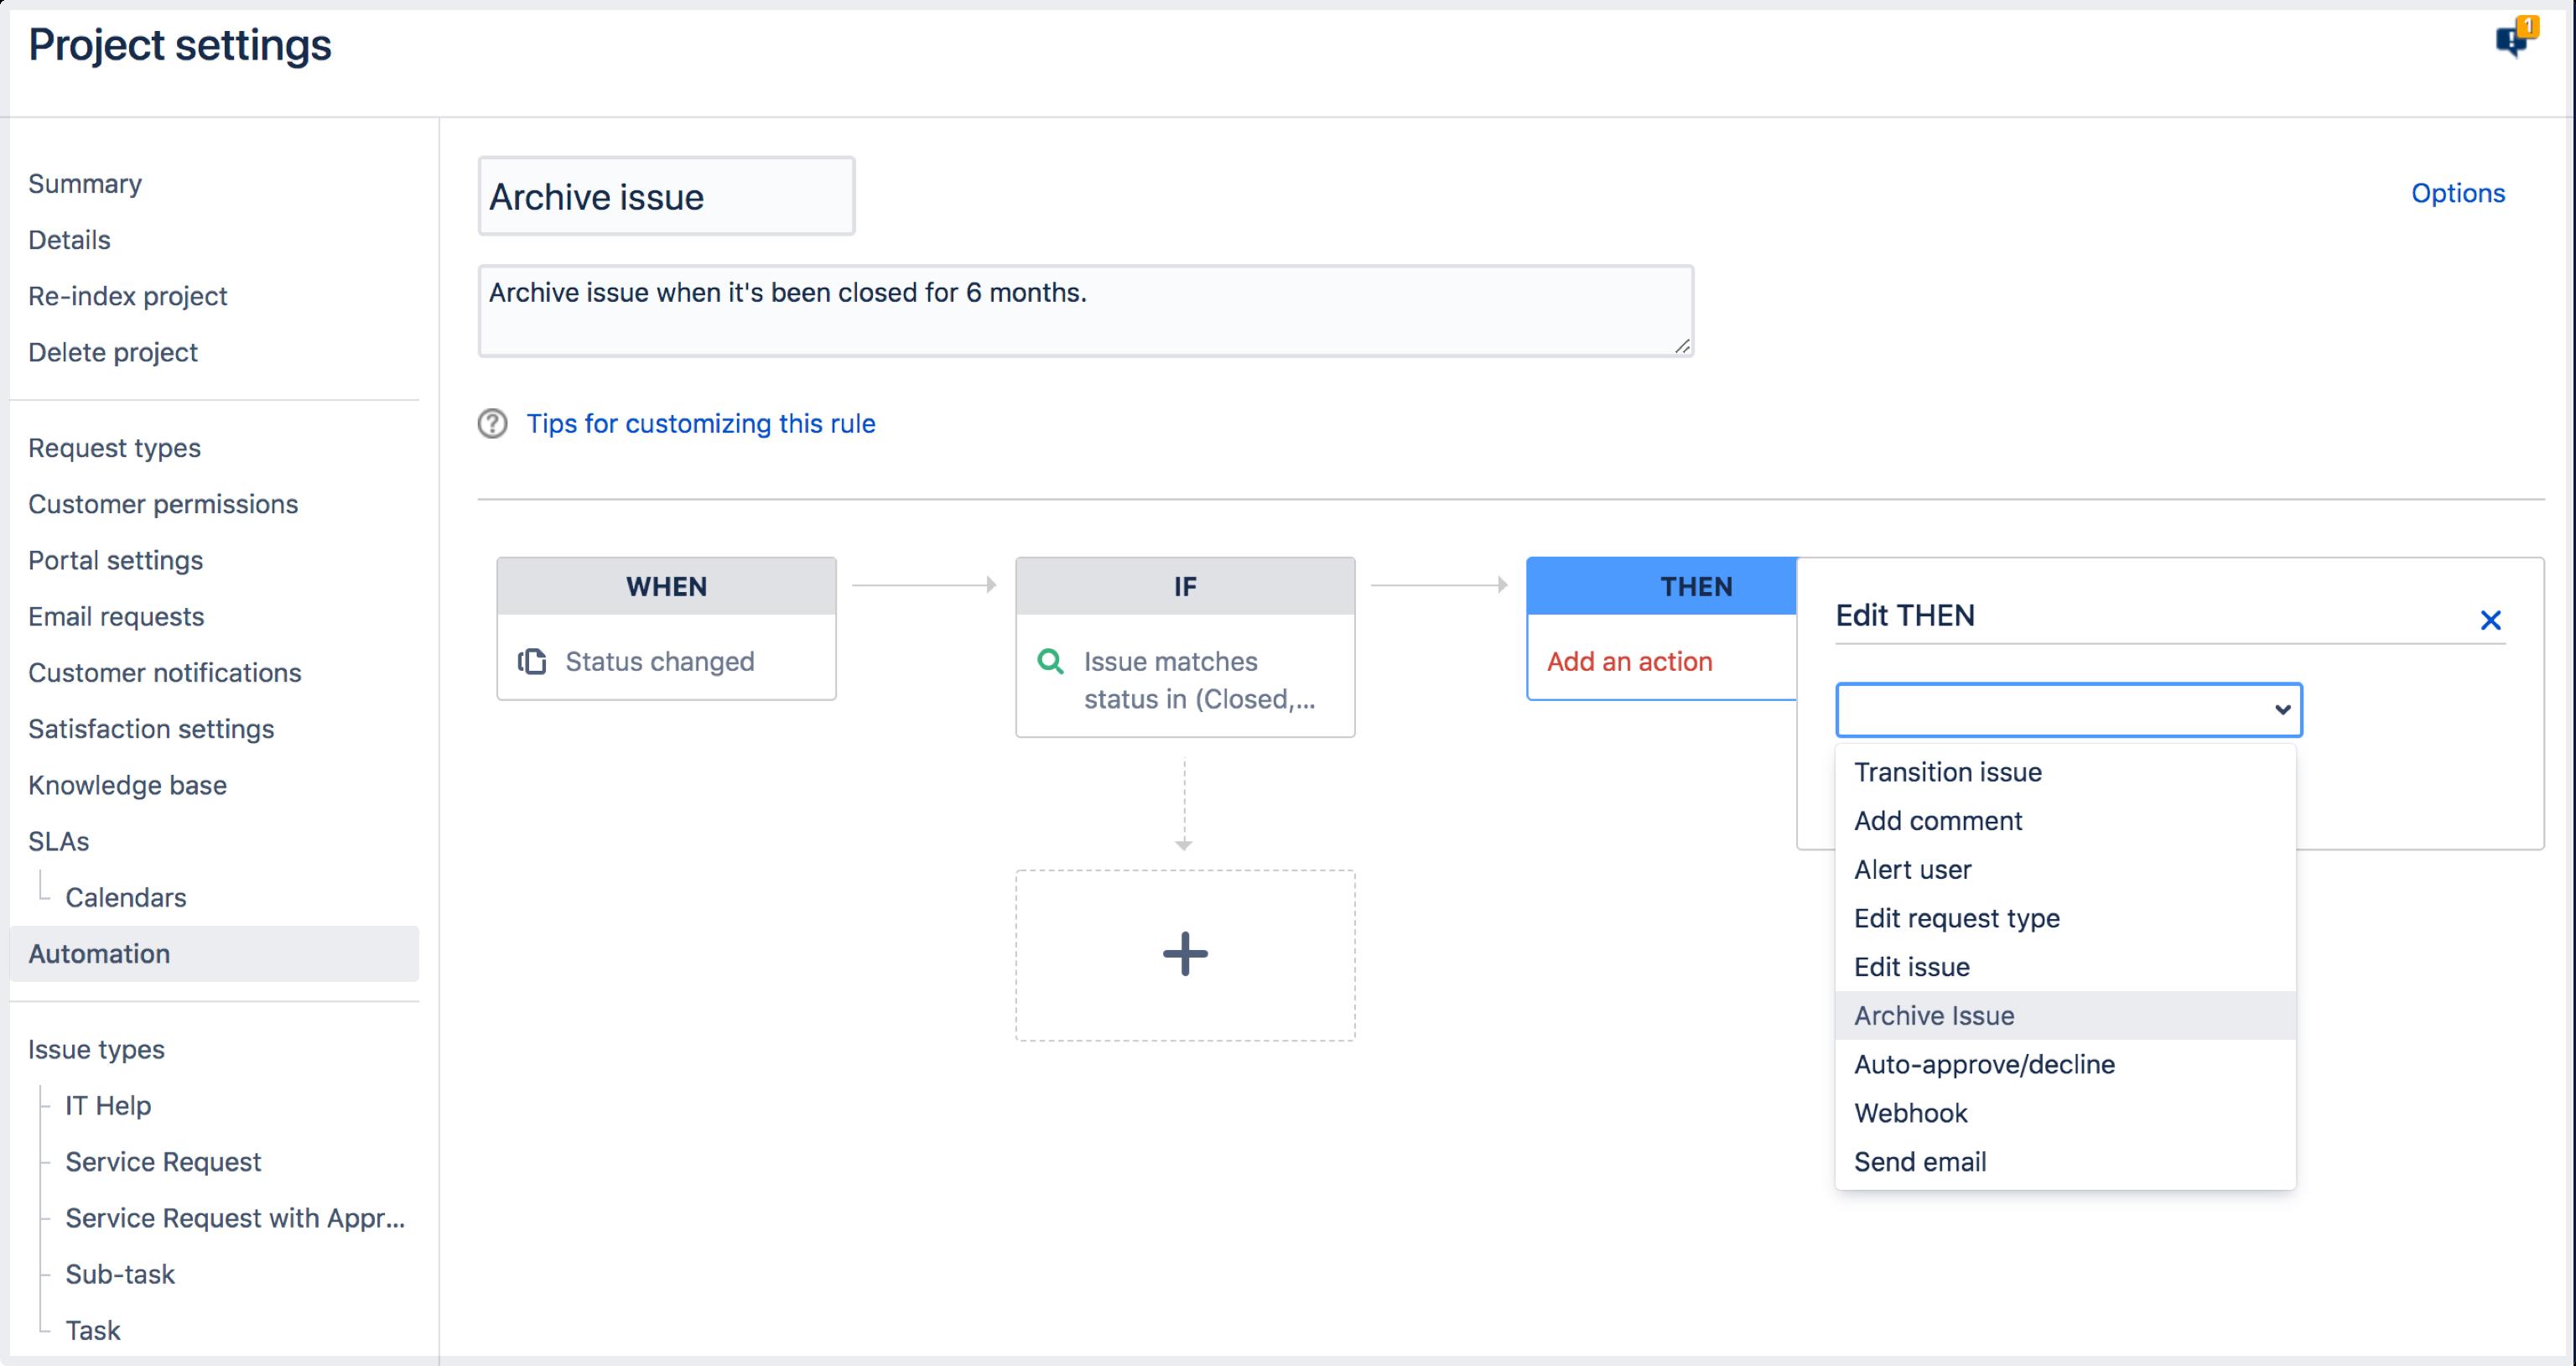 THEN アクションで課題のアーカイブ オプションを表示している自動化画面